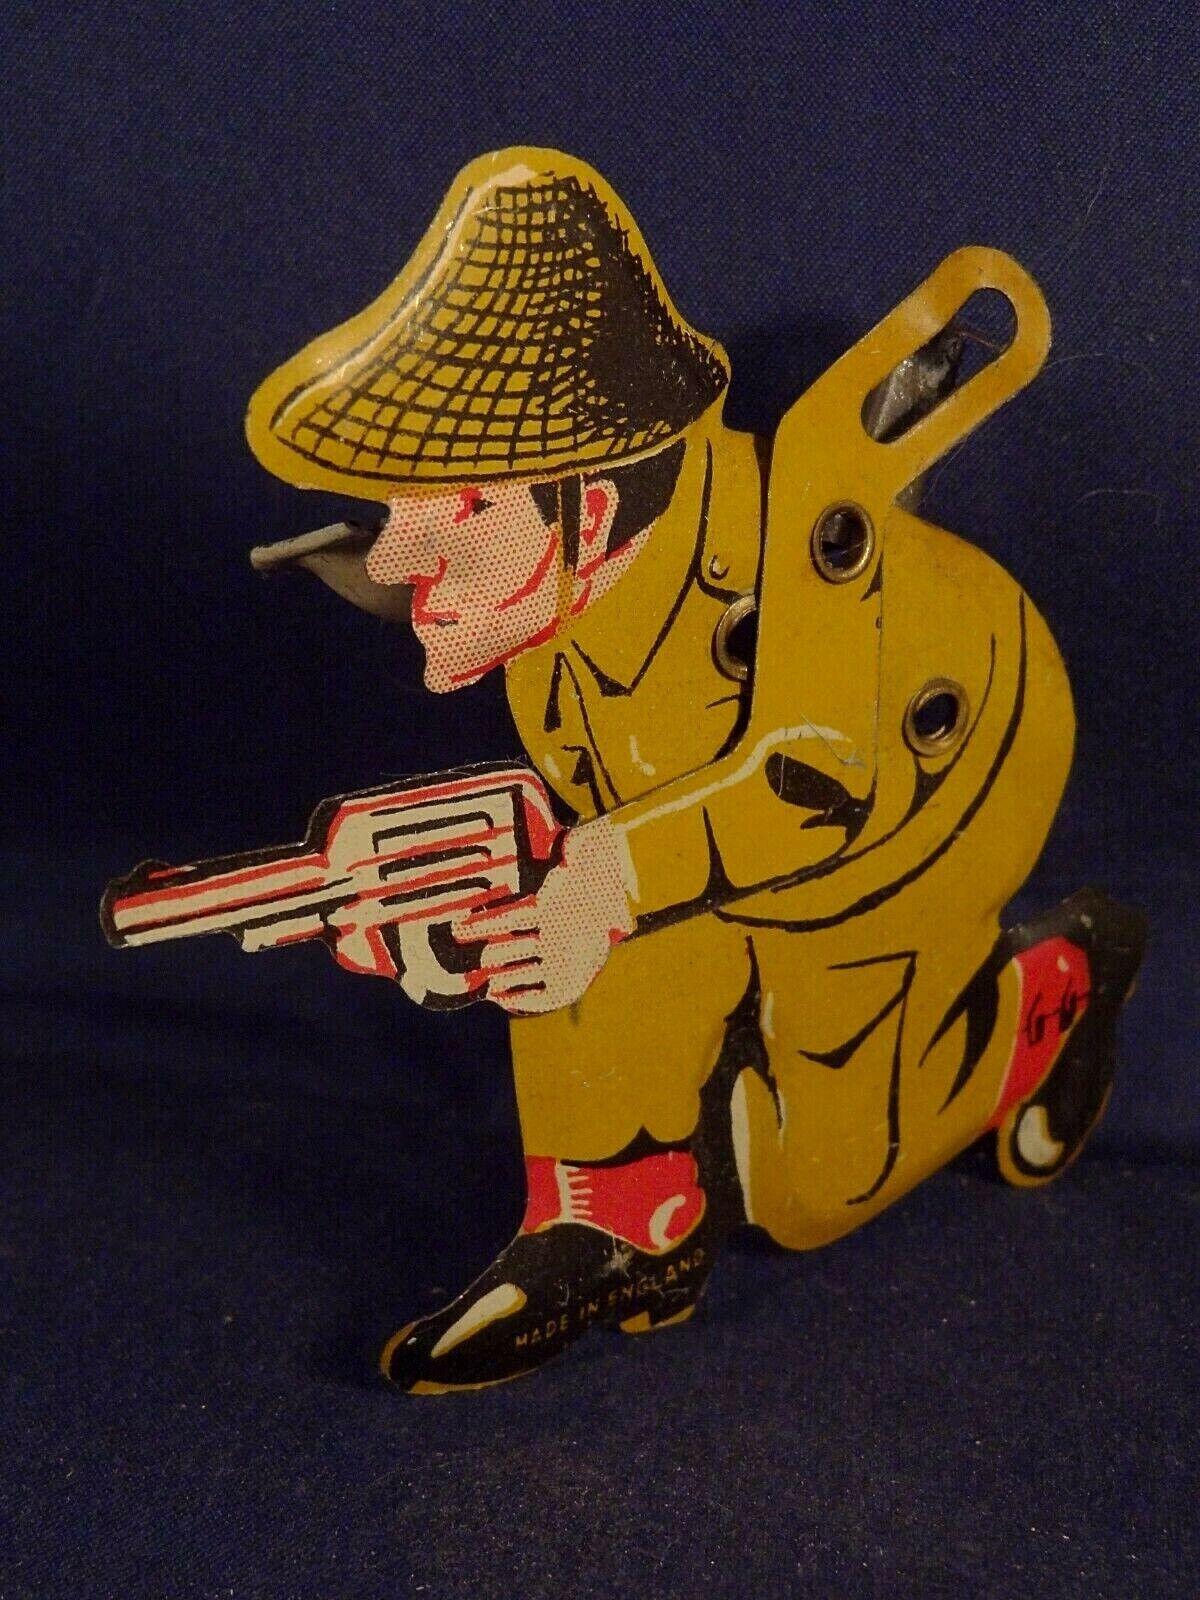 Ancien jeu jouet tôle lithographiée clic-clac cri-cri militaire soldat anglais